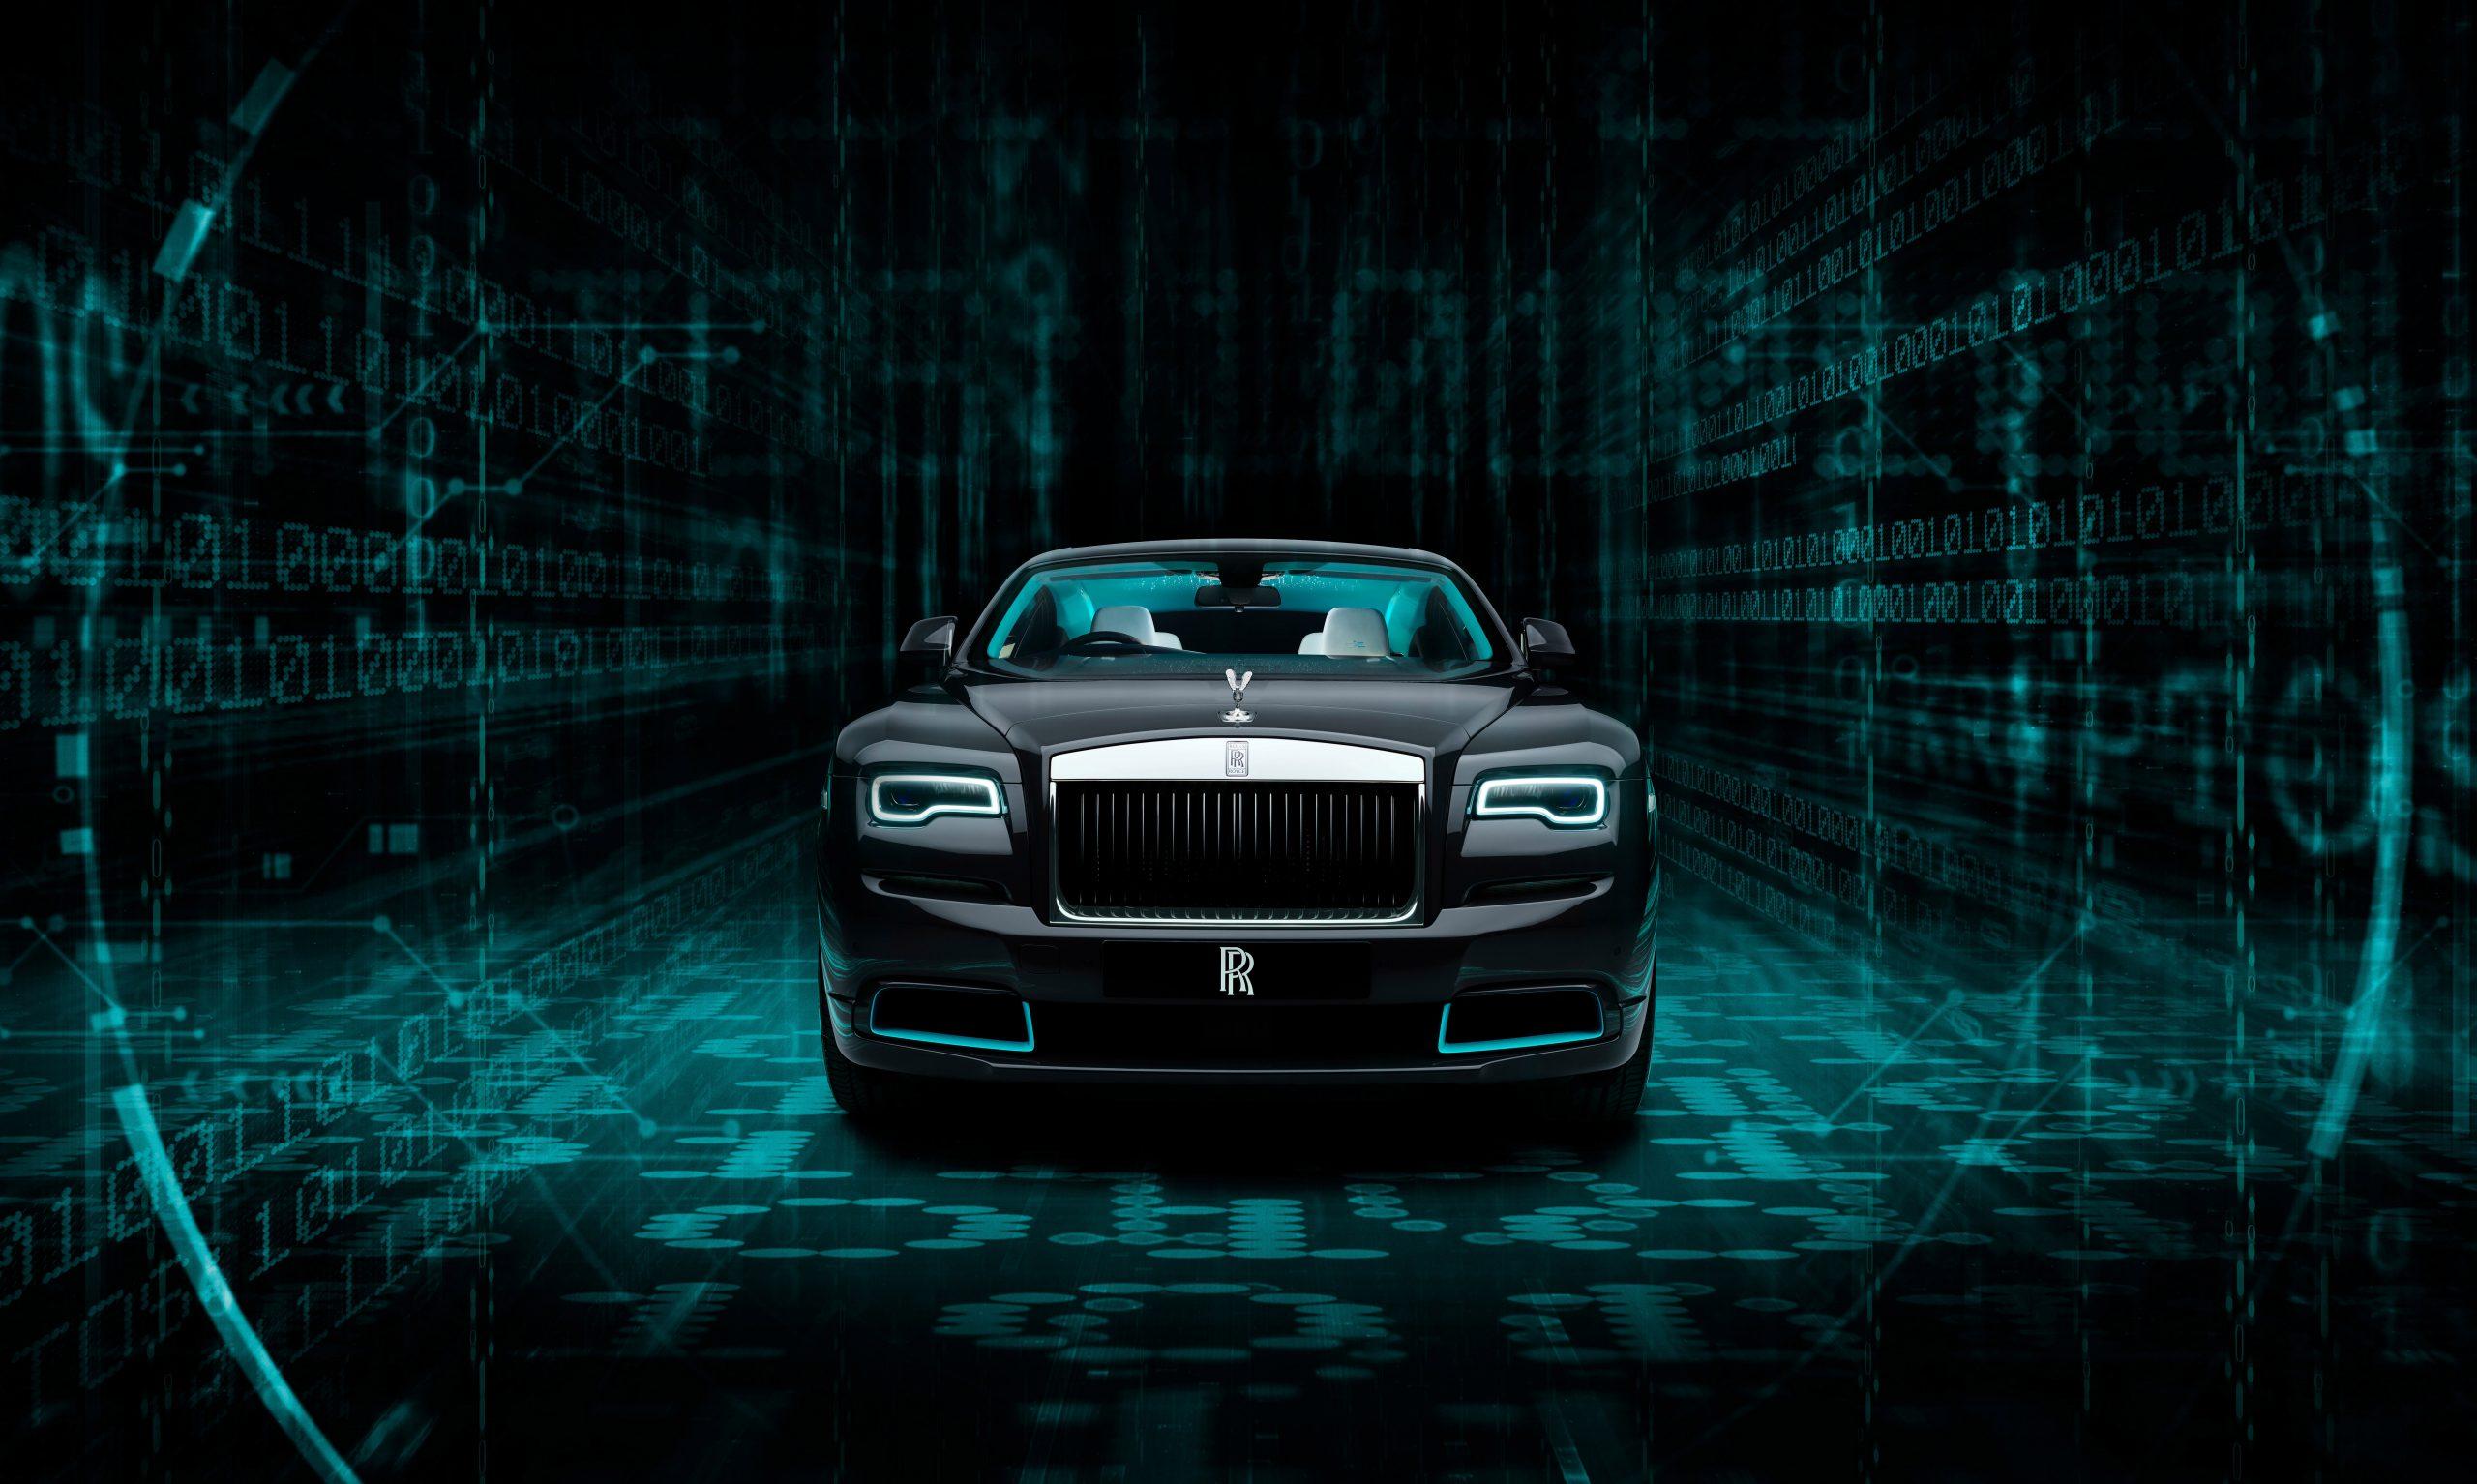 Ini 3 Desainer Rolls-Royce Bespoke Yang Mengerjakan Wraith Kryptos